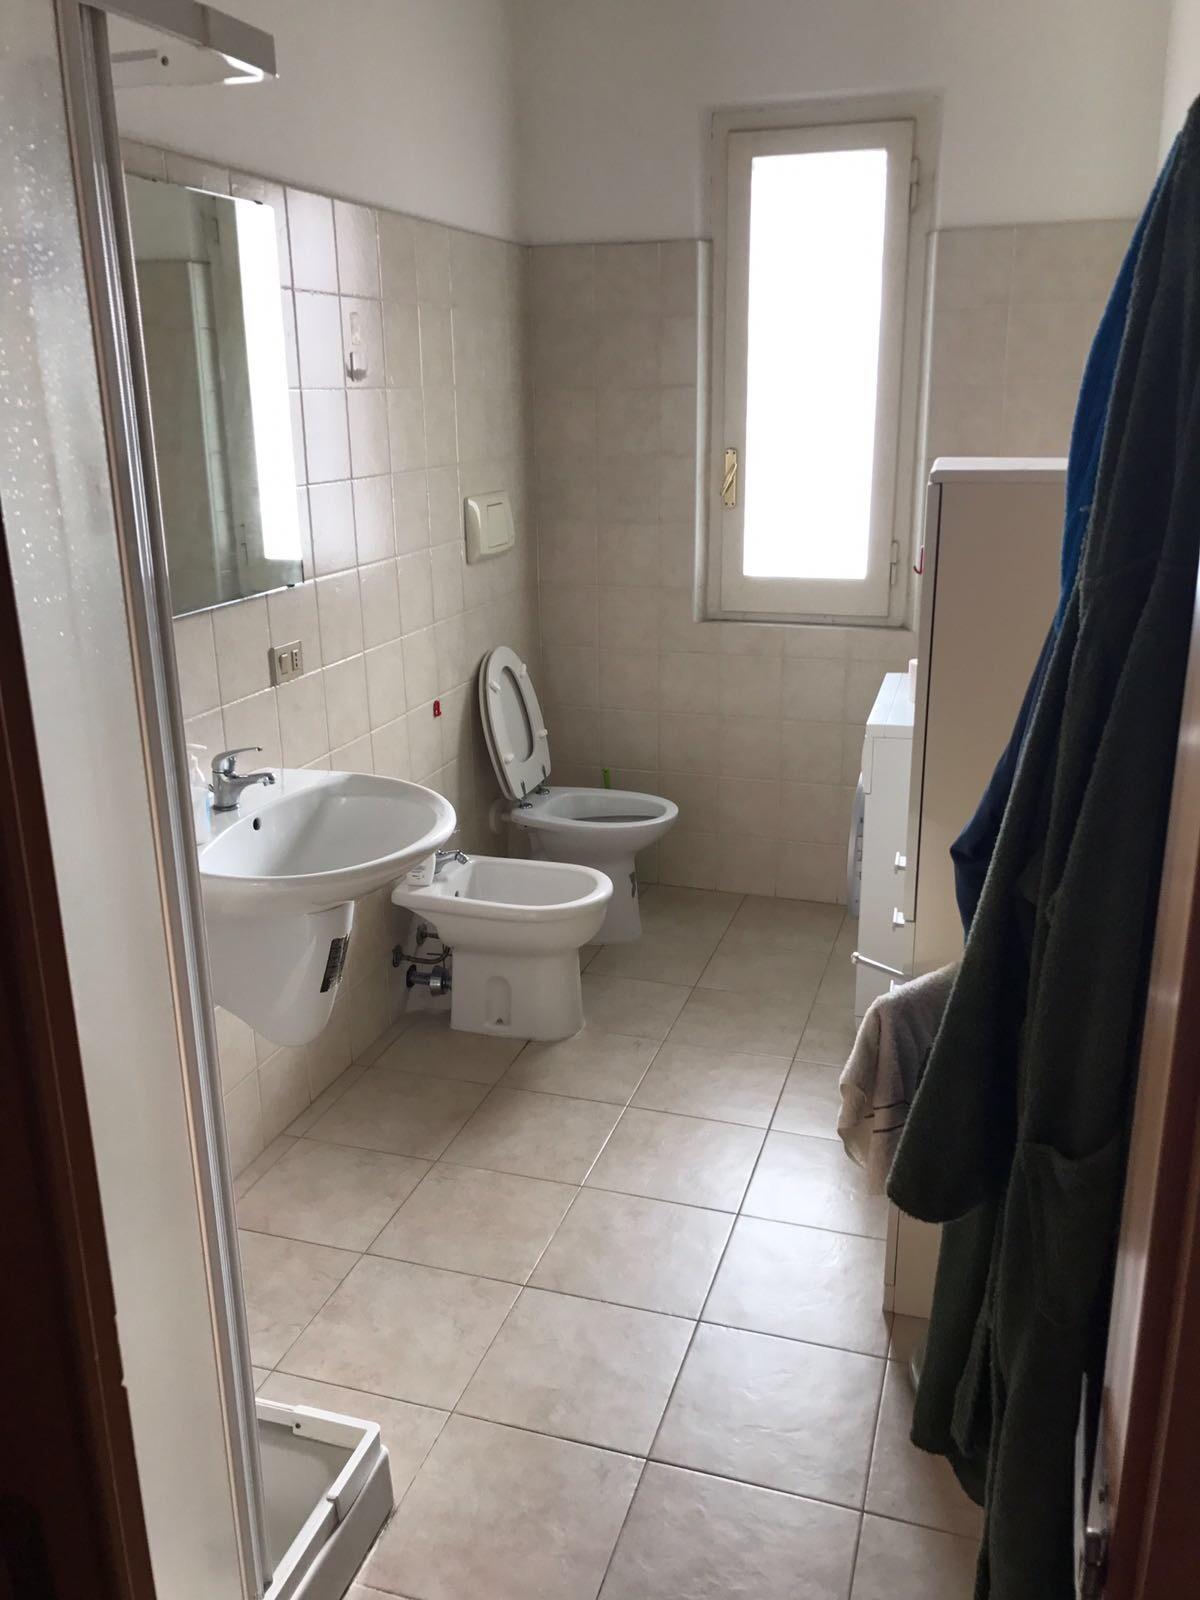 Esempi di bagni ristrutturati ig39 regardsdefemmes for Esempi di ristrutturazione appartamento